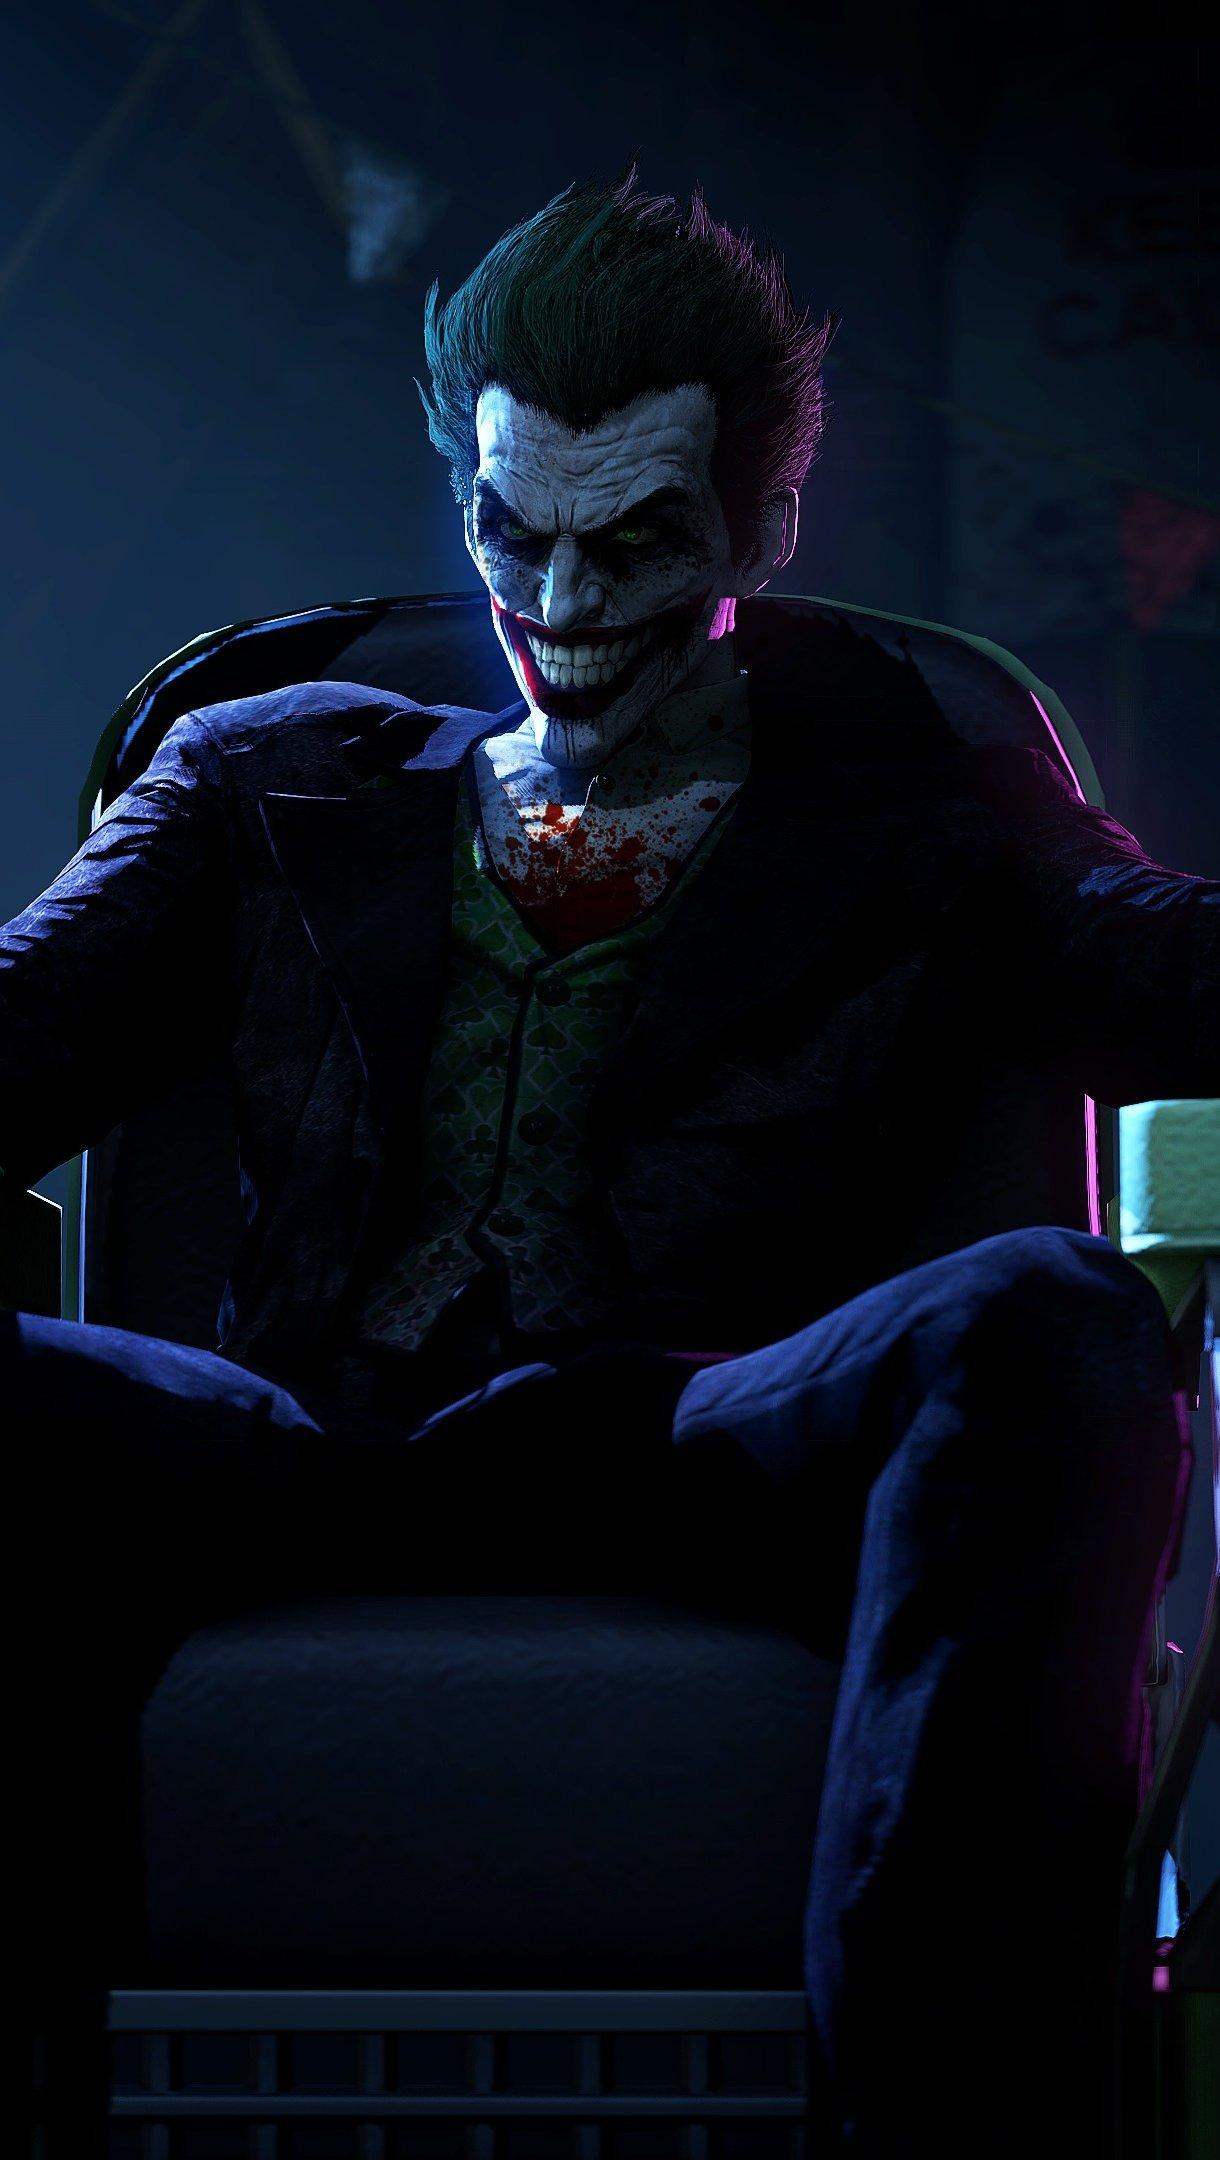 Wallpaper Joker (Joker) Batman Arkham Origins Vertical